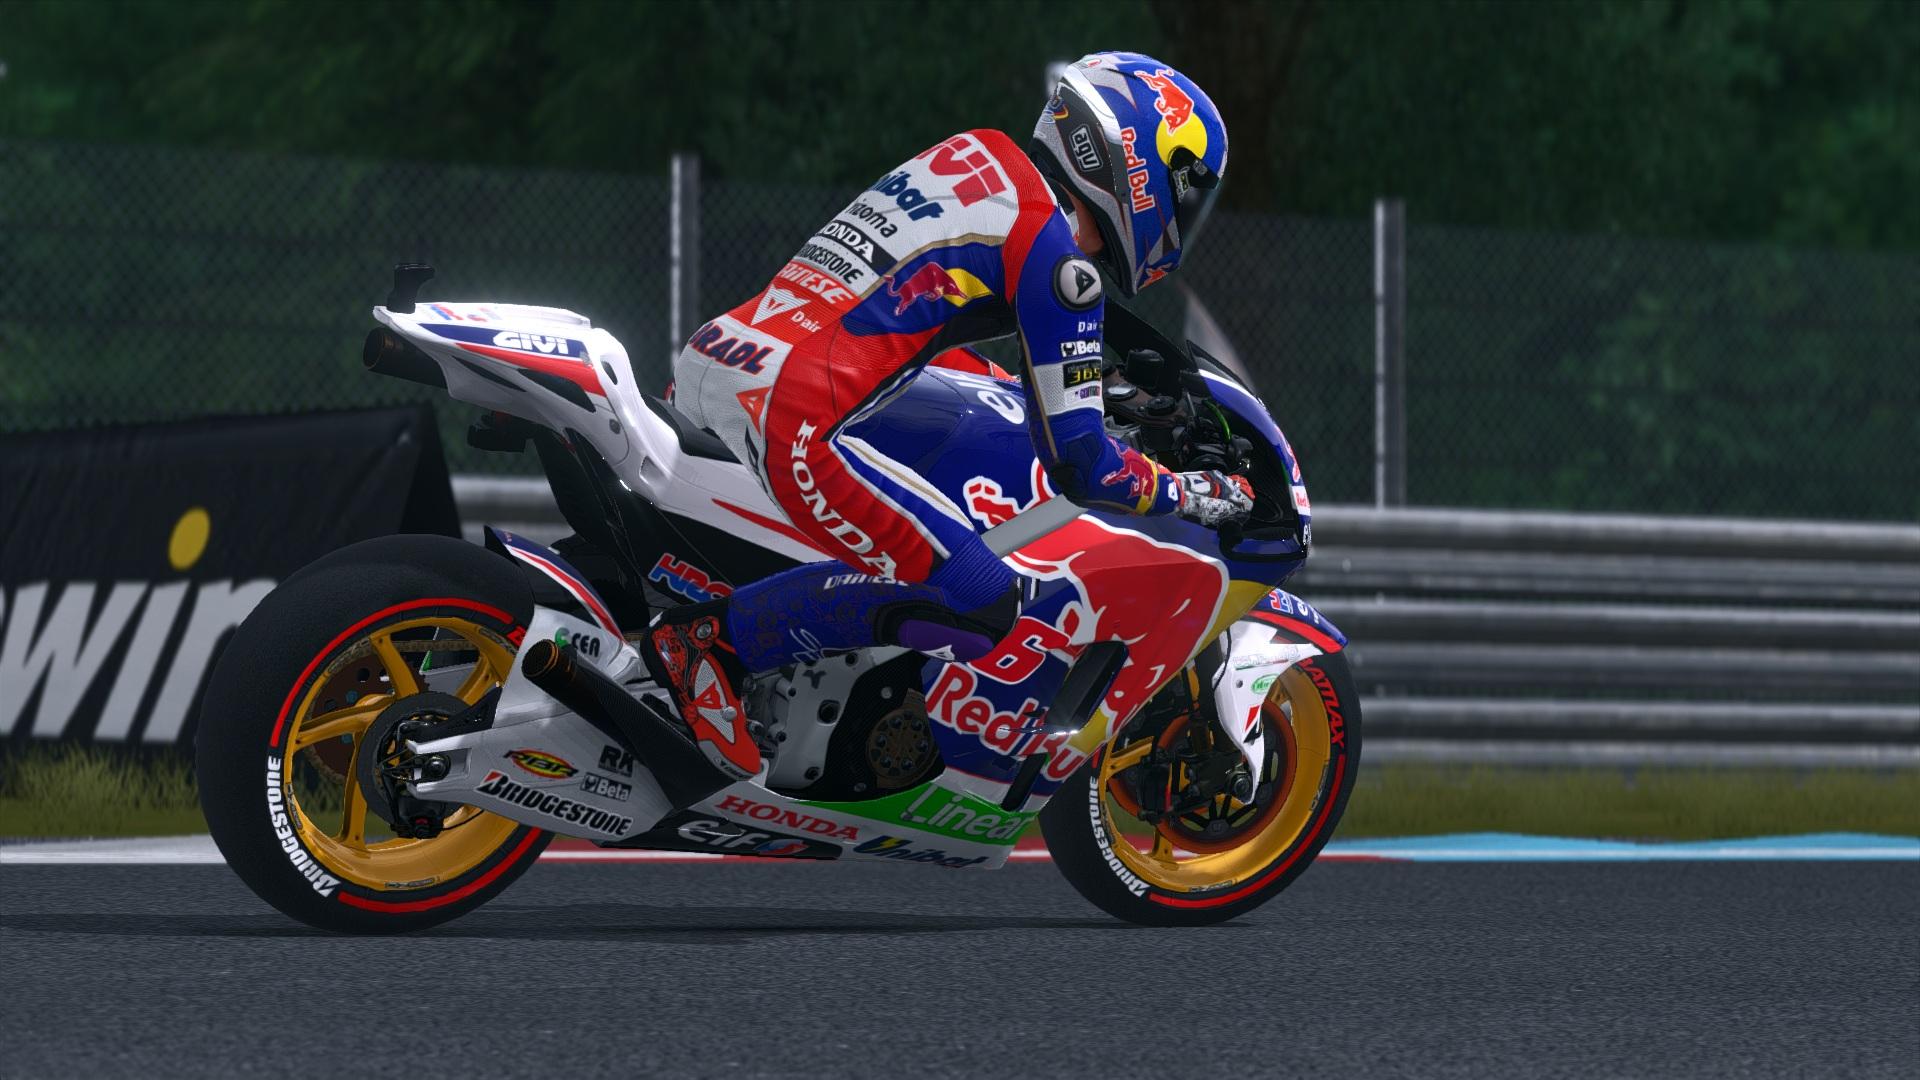 MotoGP14X64.exe_DX11_20140901_225425.jpg